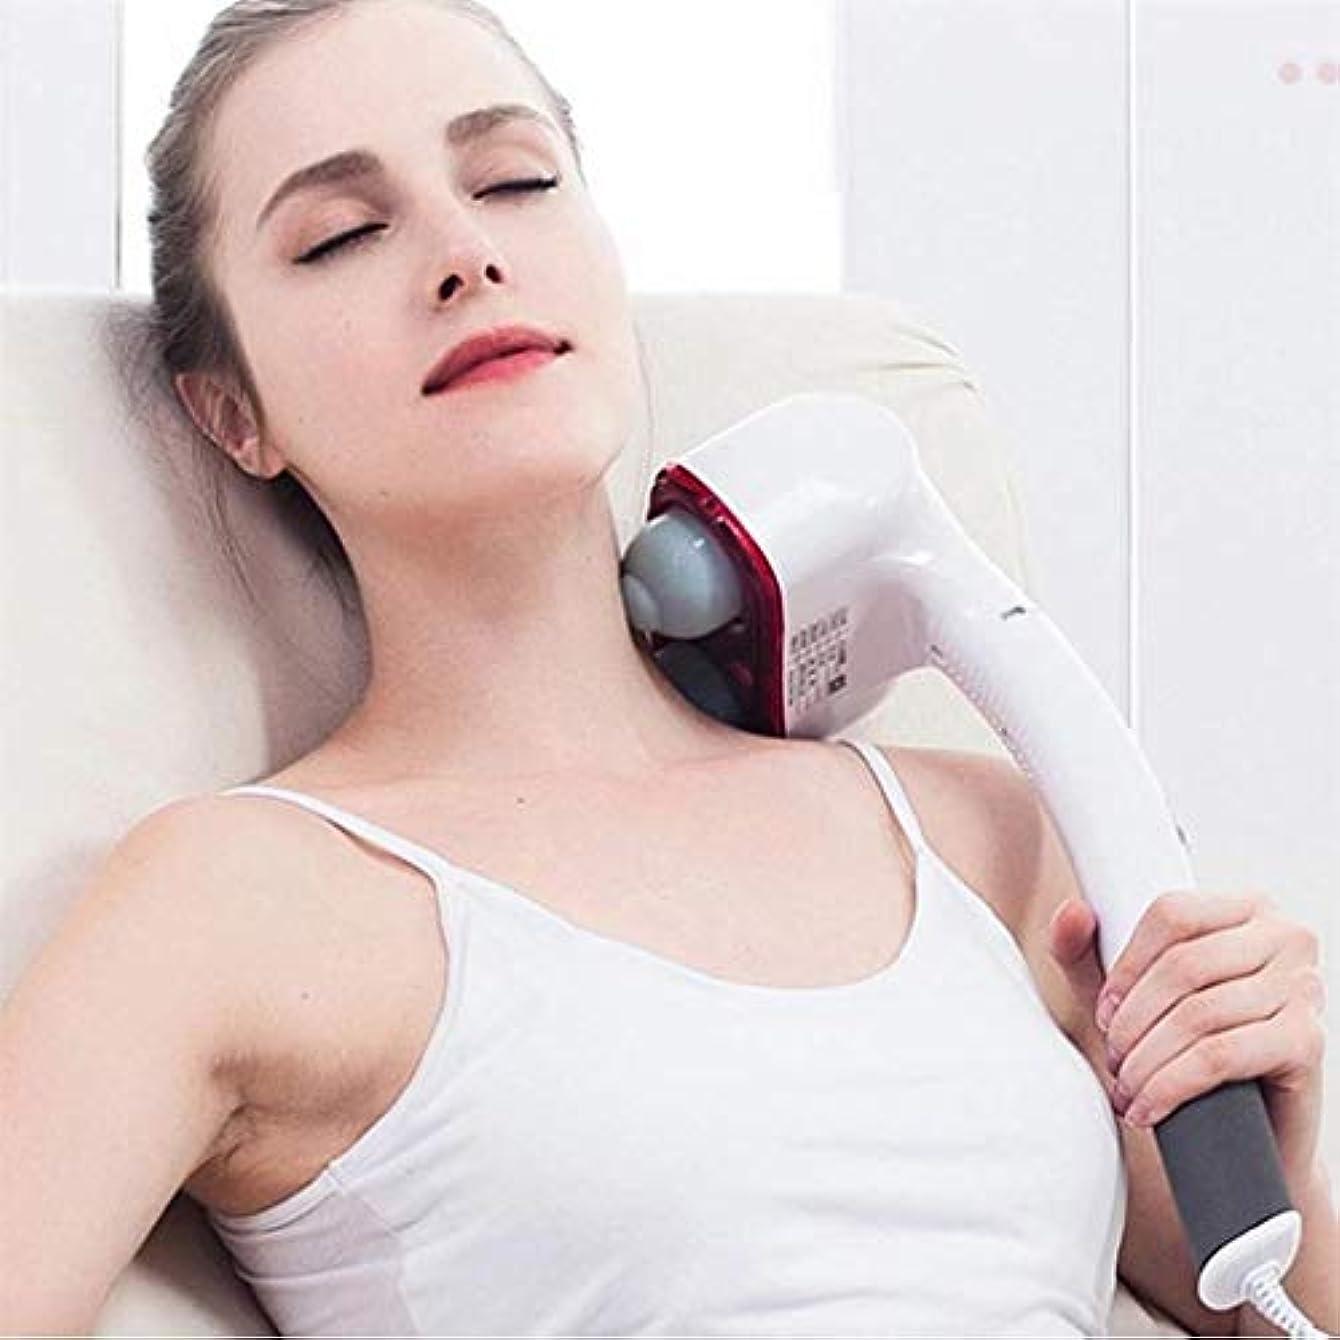 レモン遠い費用電気マッサージャー、ハンドヘルドバックマッサージャー、ポータブルネック振動マッサージャー、ストレス/痛みを和らげる、血液循環/睡眠を促進する